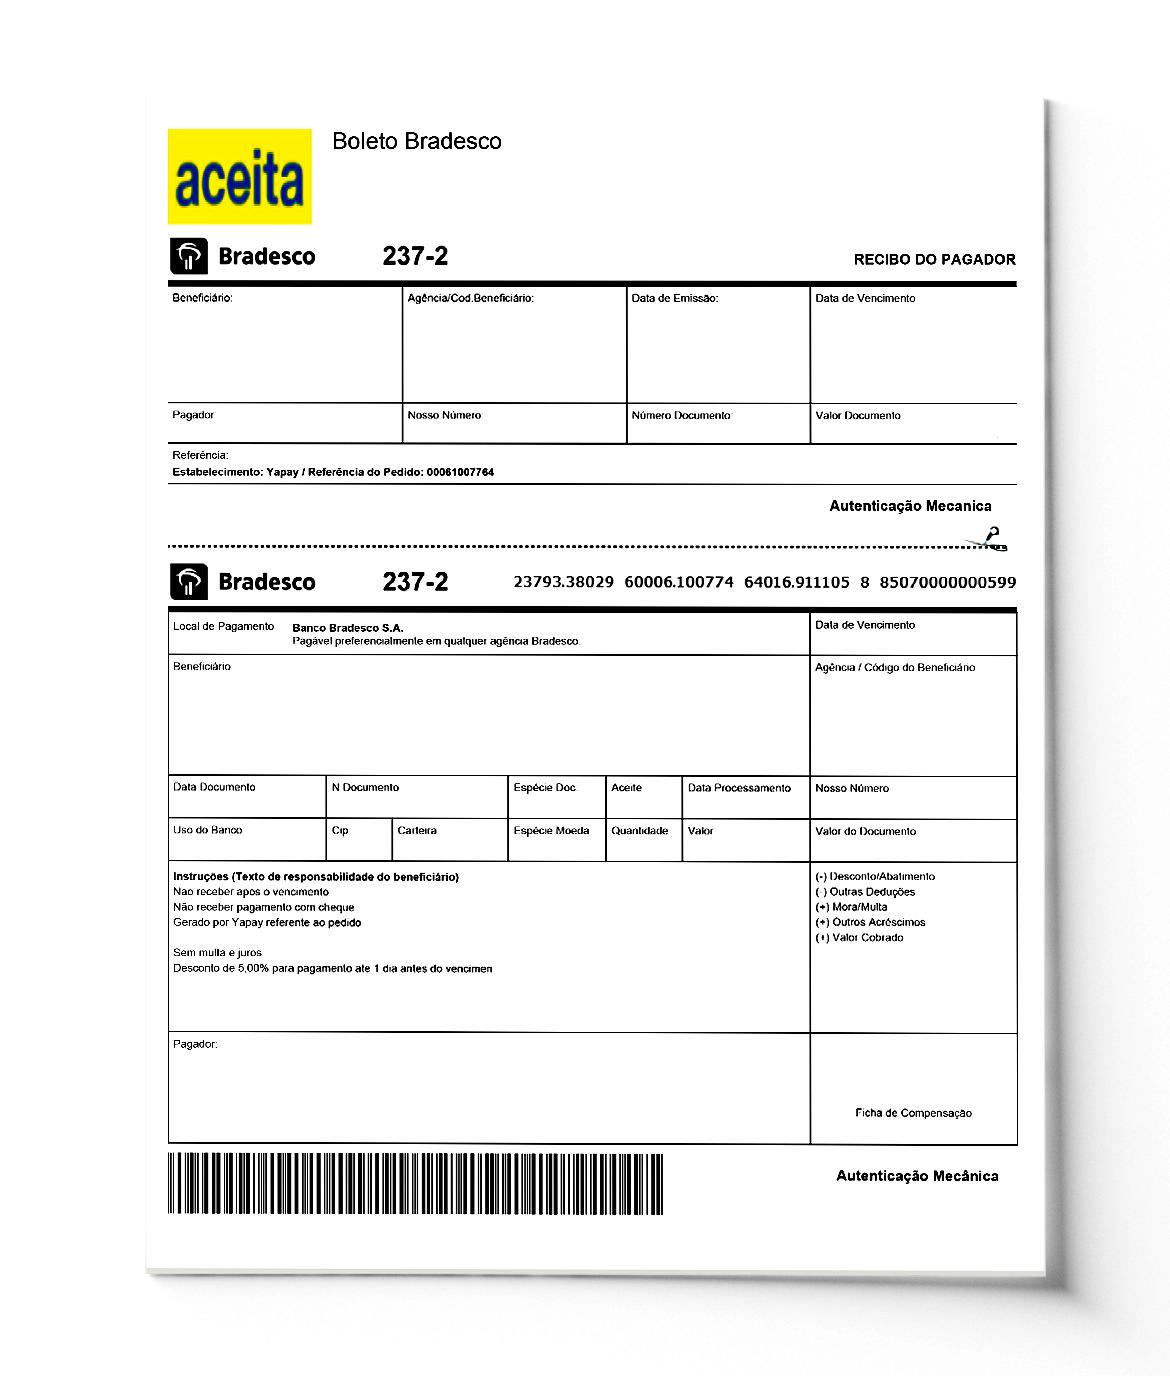 imagem de um boleto de exemplo da Vindi com os campos descritos no texto em branco